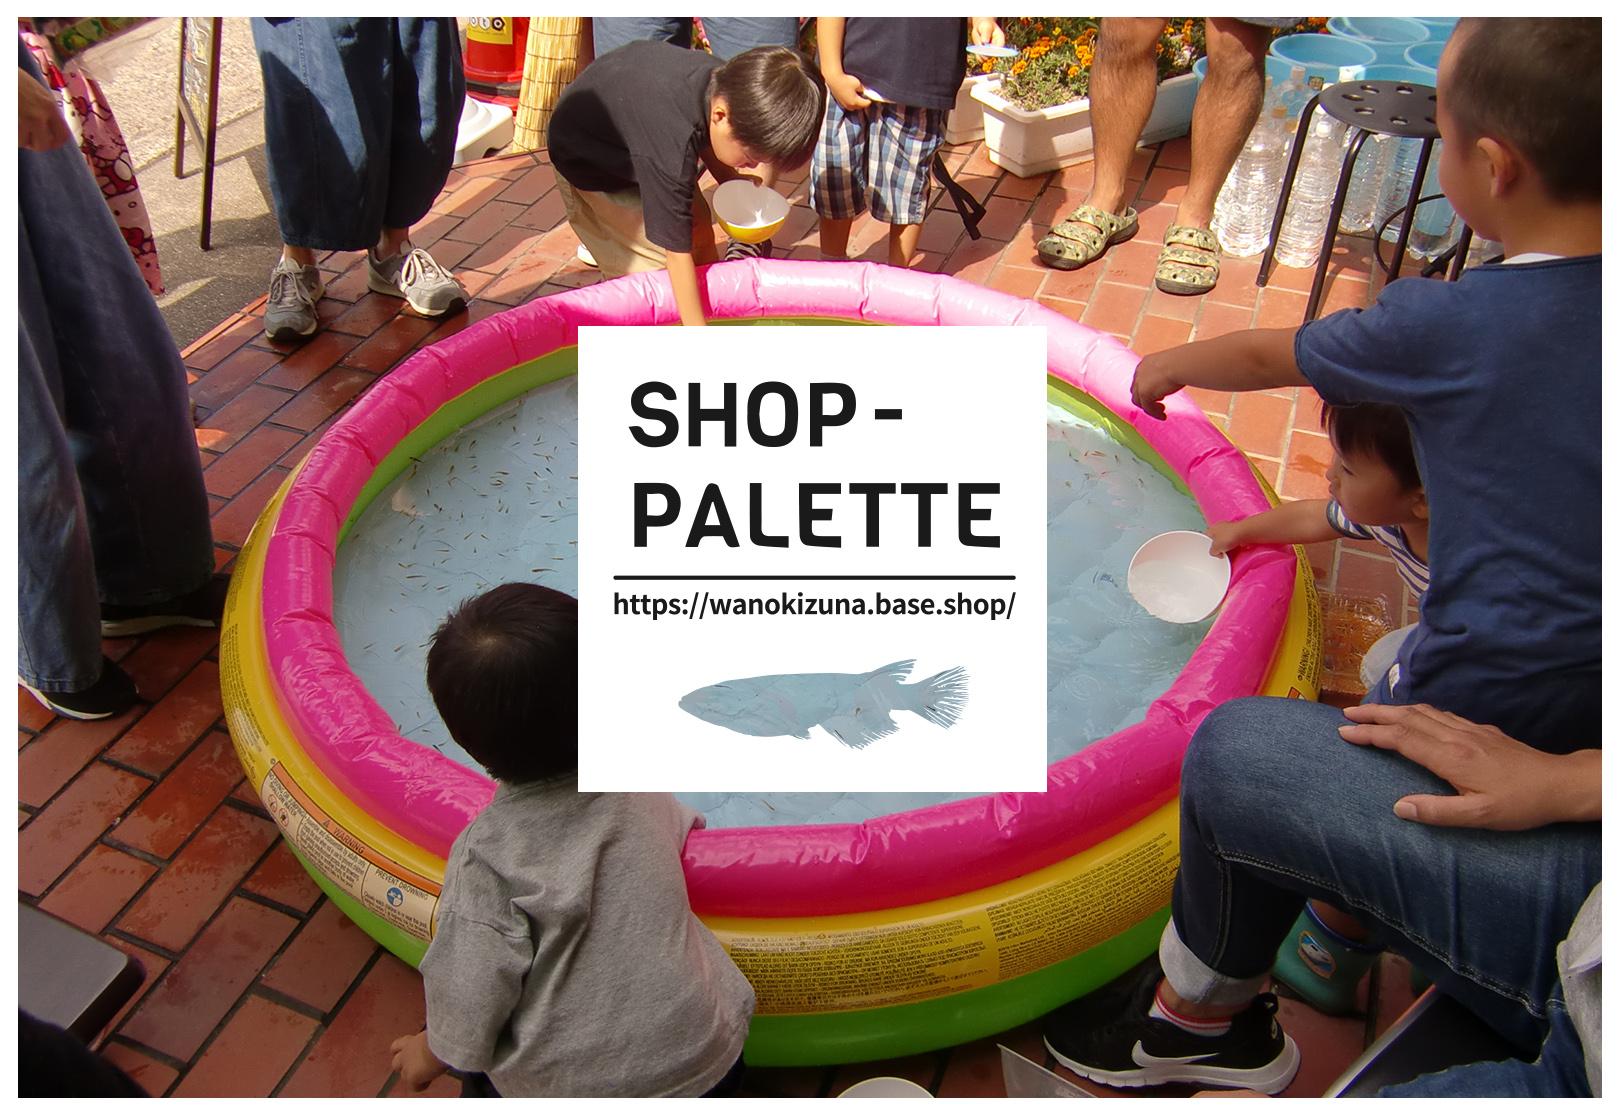 SHOP - palette紹介画像2